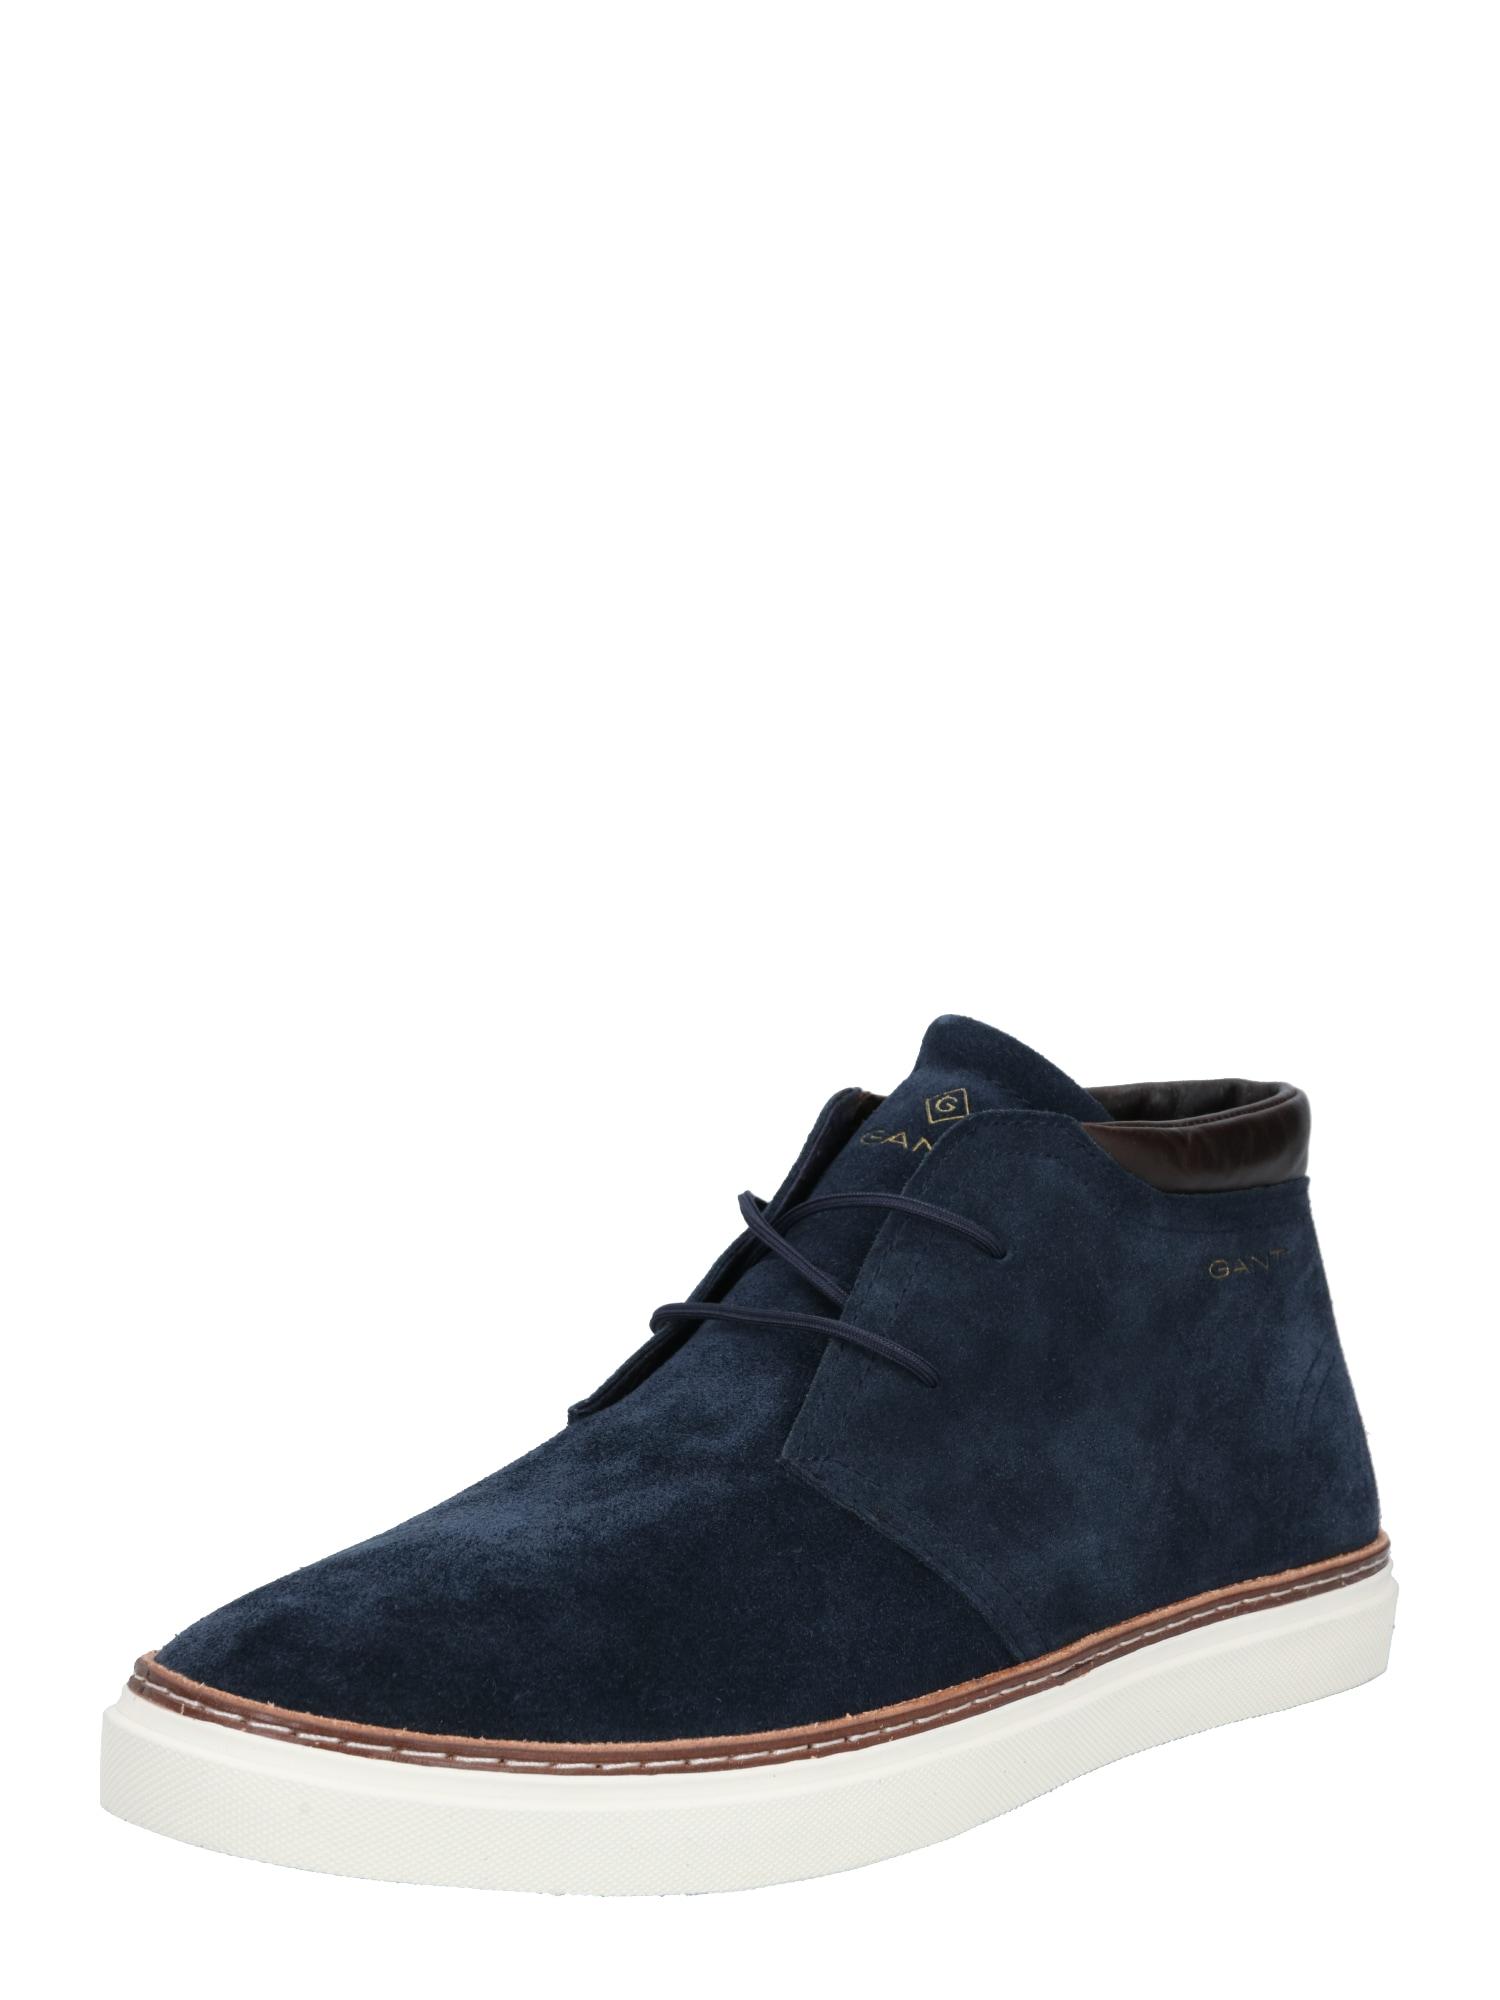 GANT Šněrovací boty 'Prepville'  marine modrá